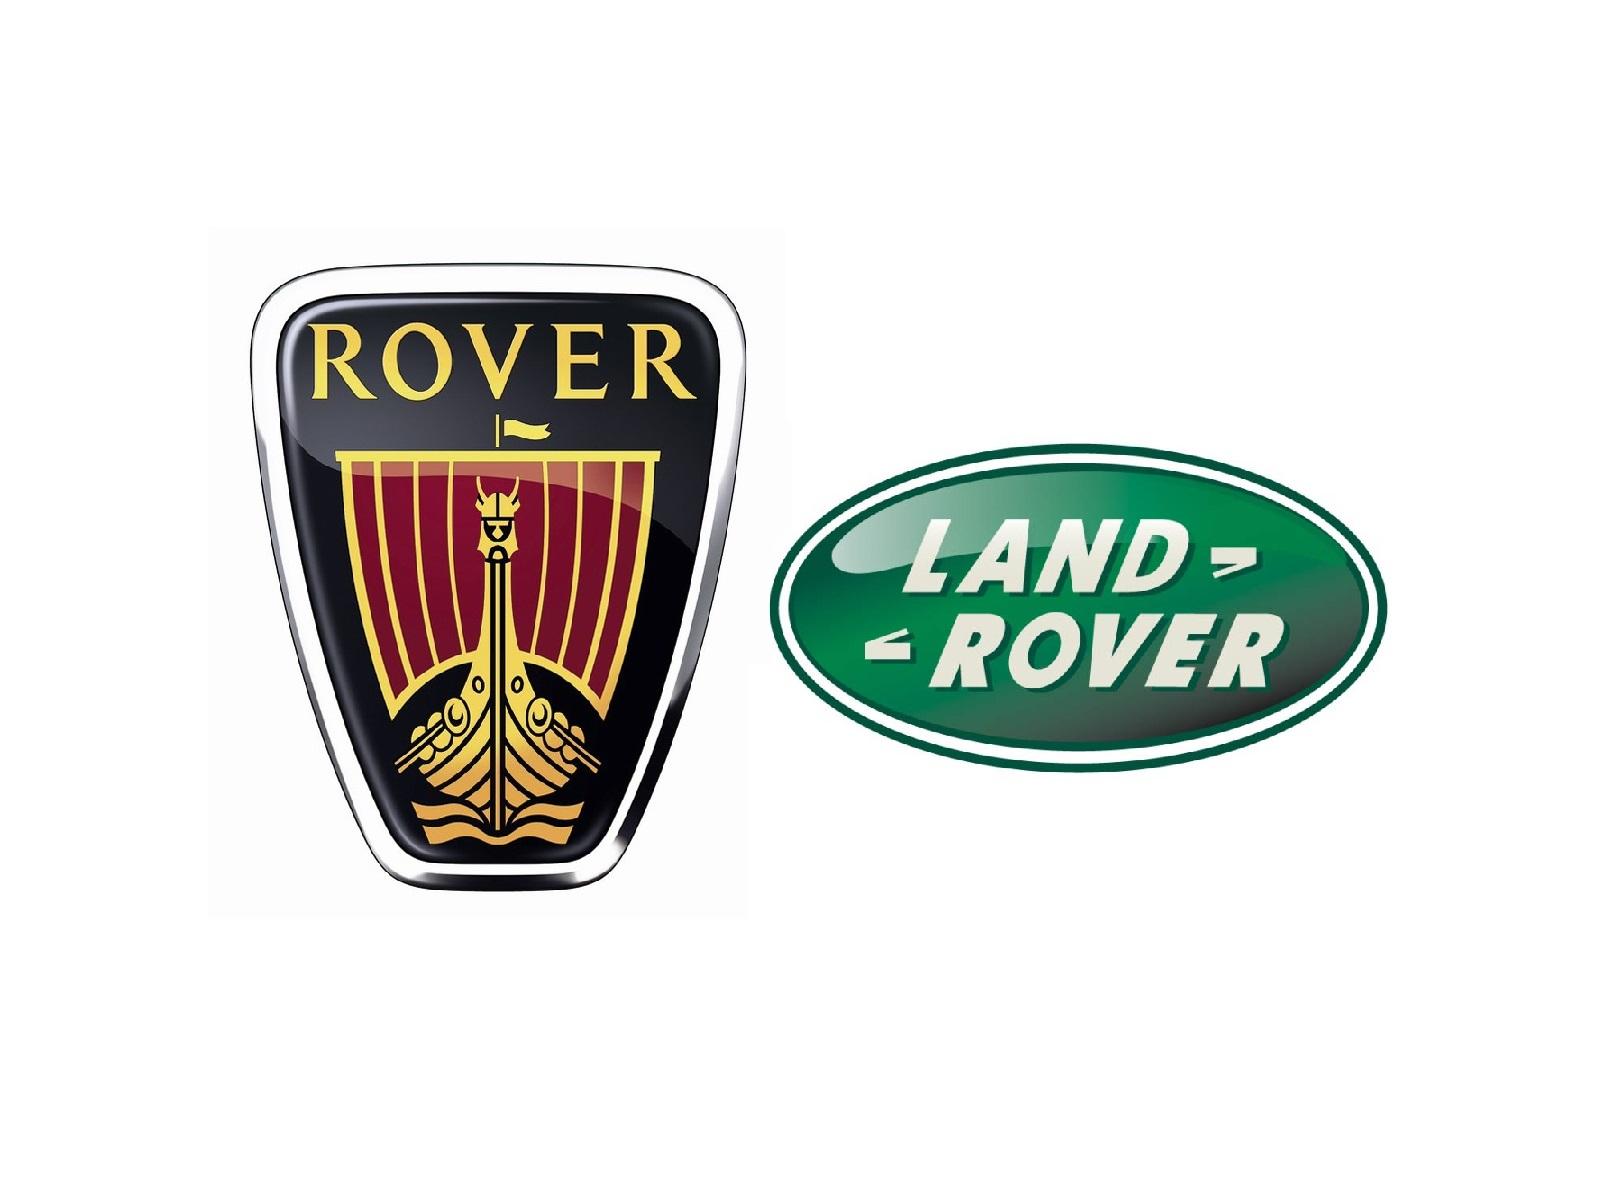 Rover / Land Rover